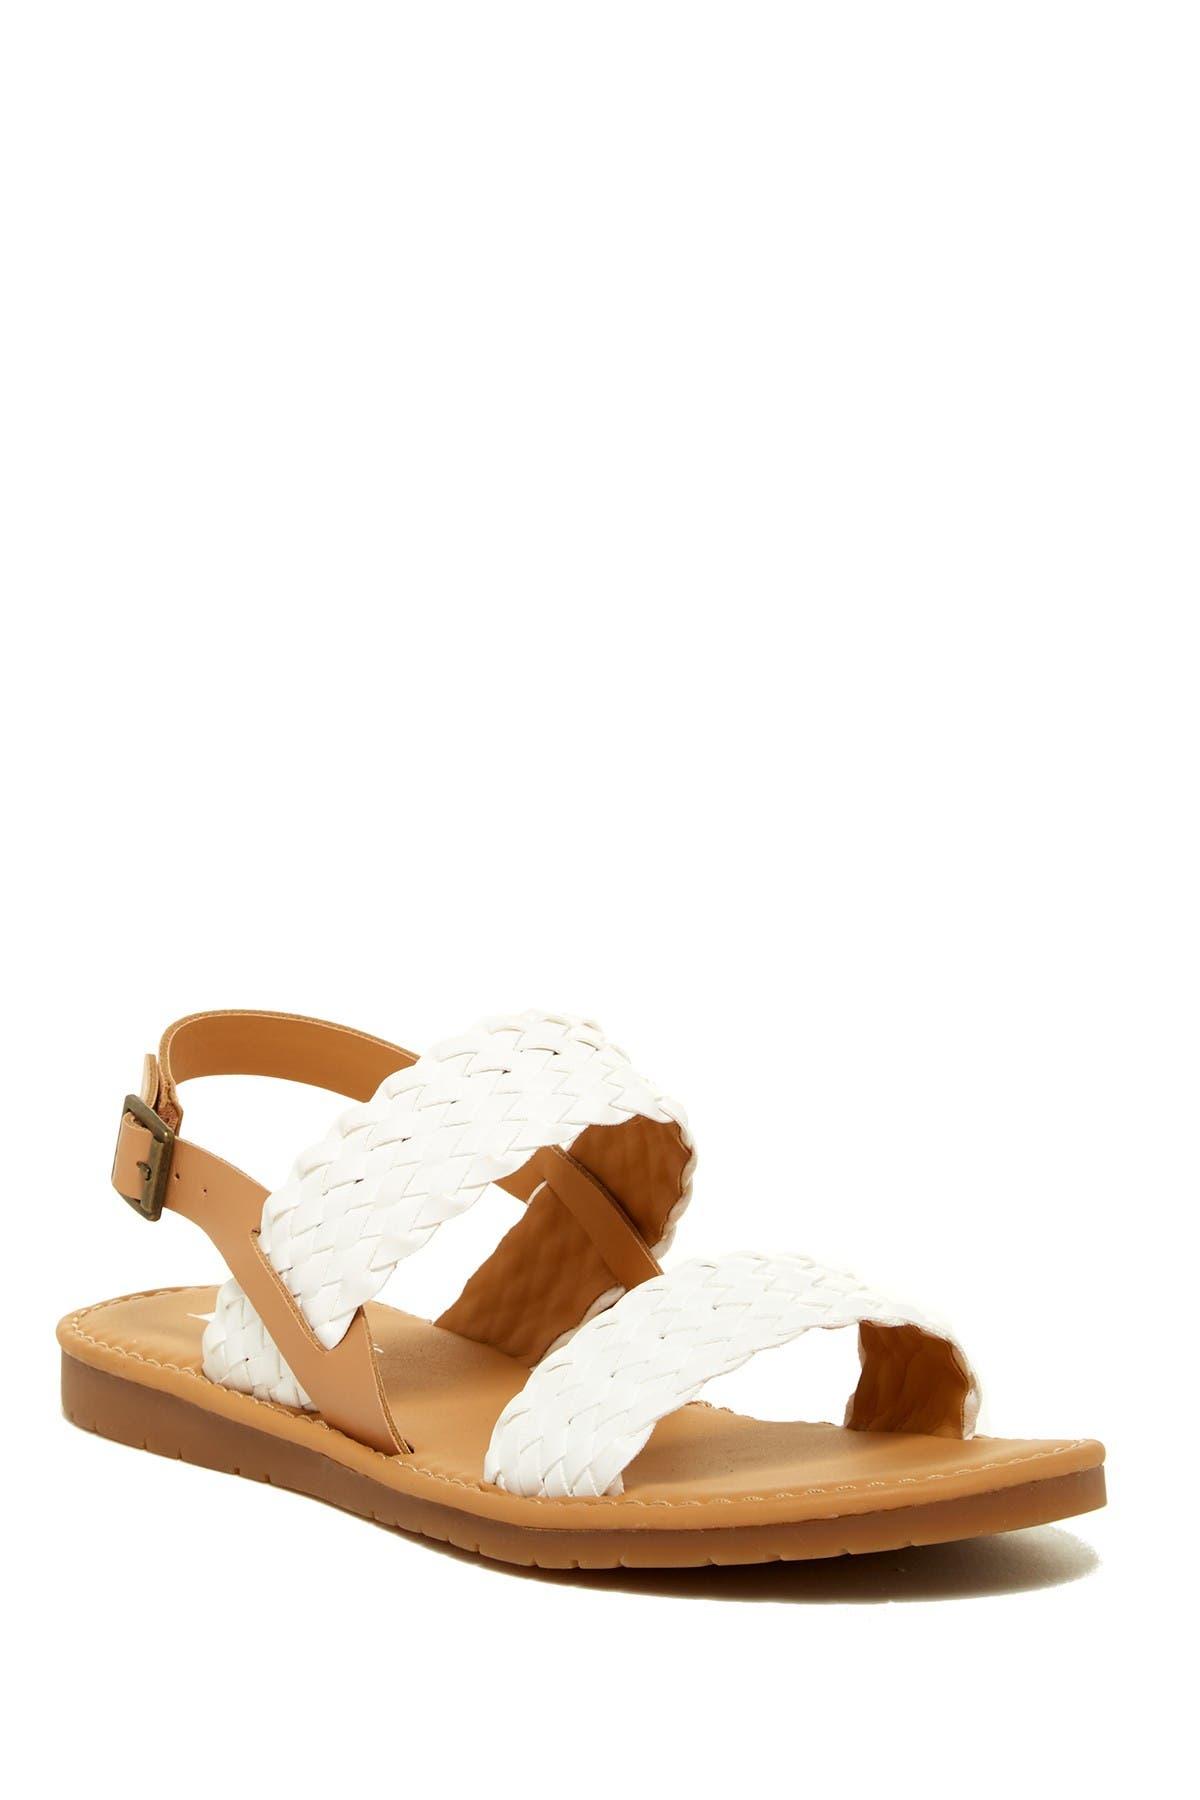 Image of KORKS Callista Ankle Strap Sandal